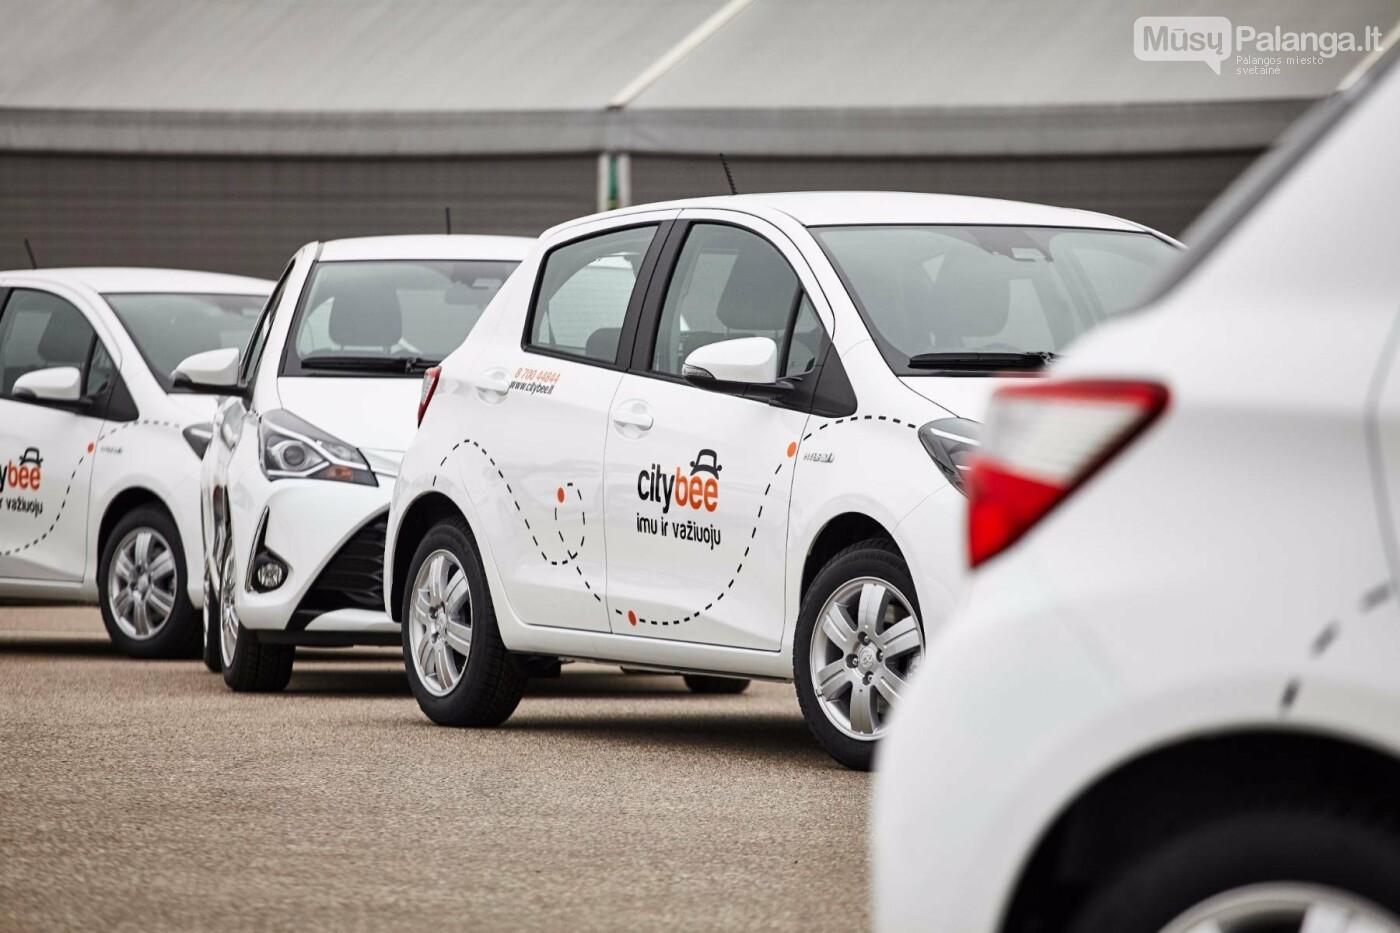 """Džiaugsmas vairuotojams ir aplinkai: """"CityBee"""" savo automobilių parką papildė naujais hibridais , nuotrauka-4"""